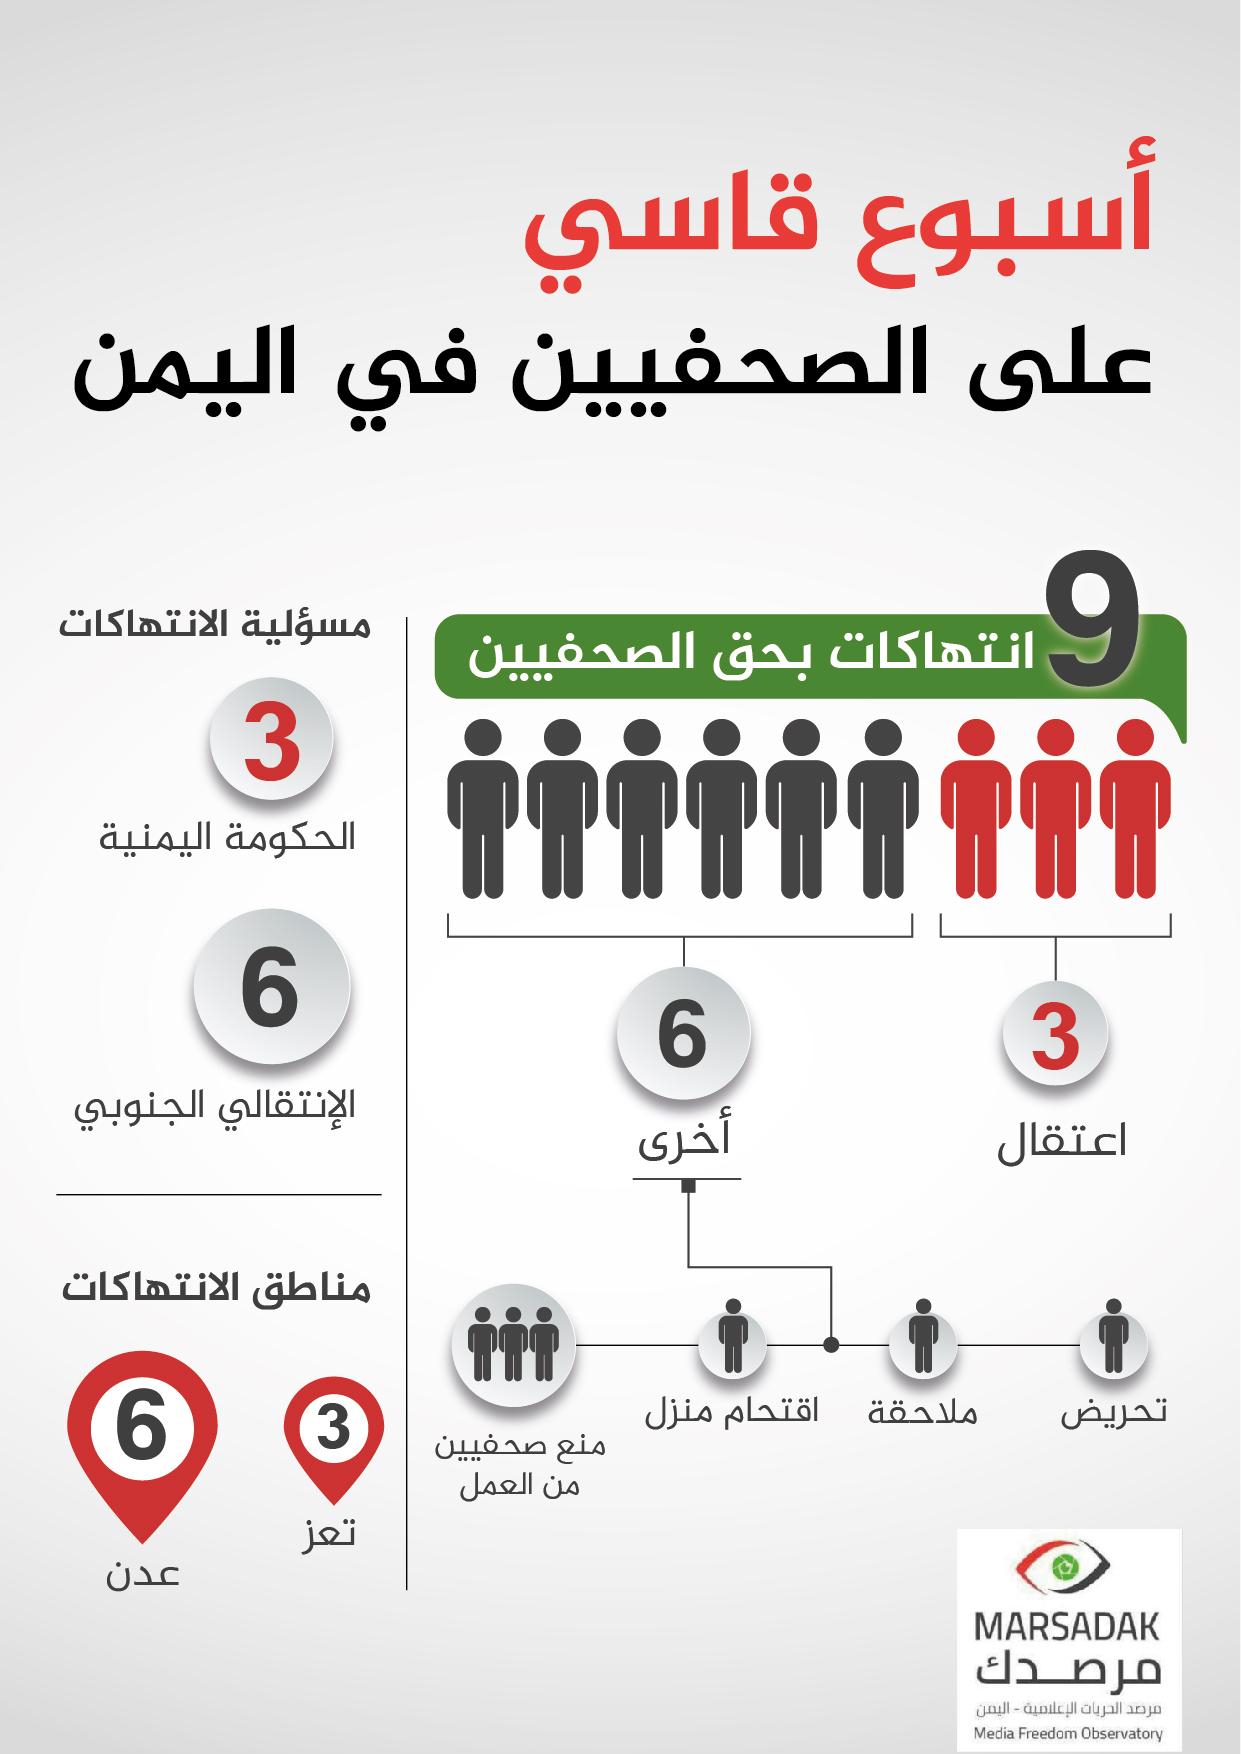 اسبوع قاسي على الصحافه في اليمن